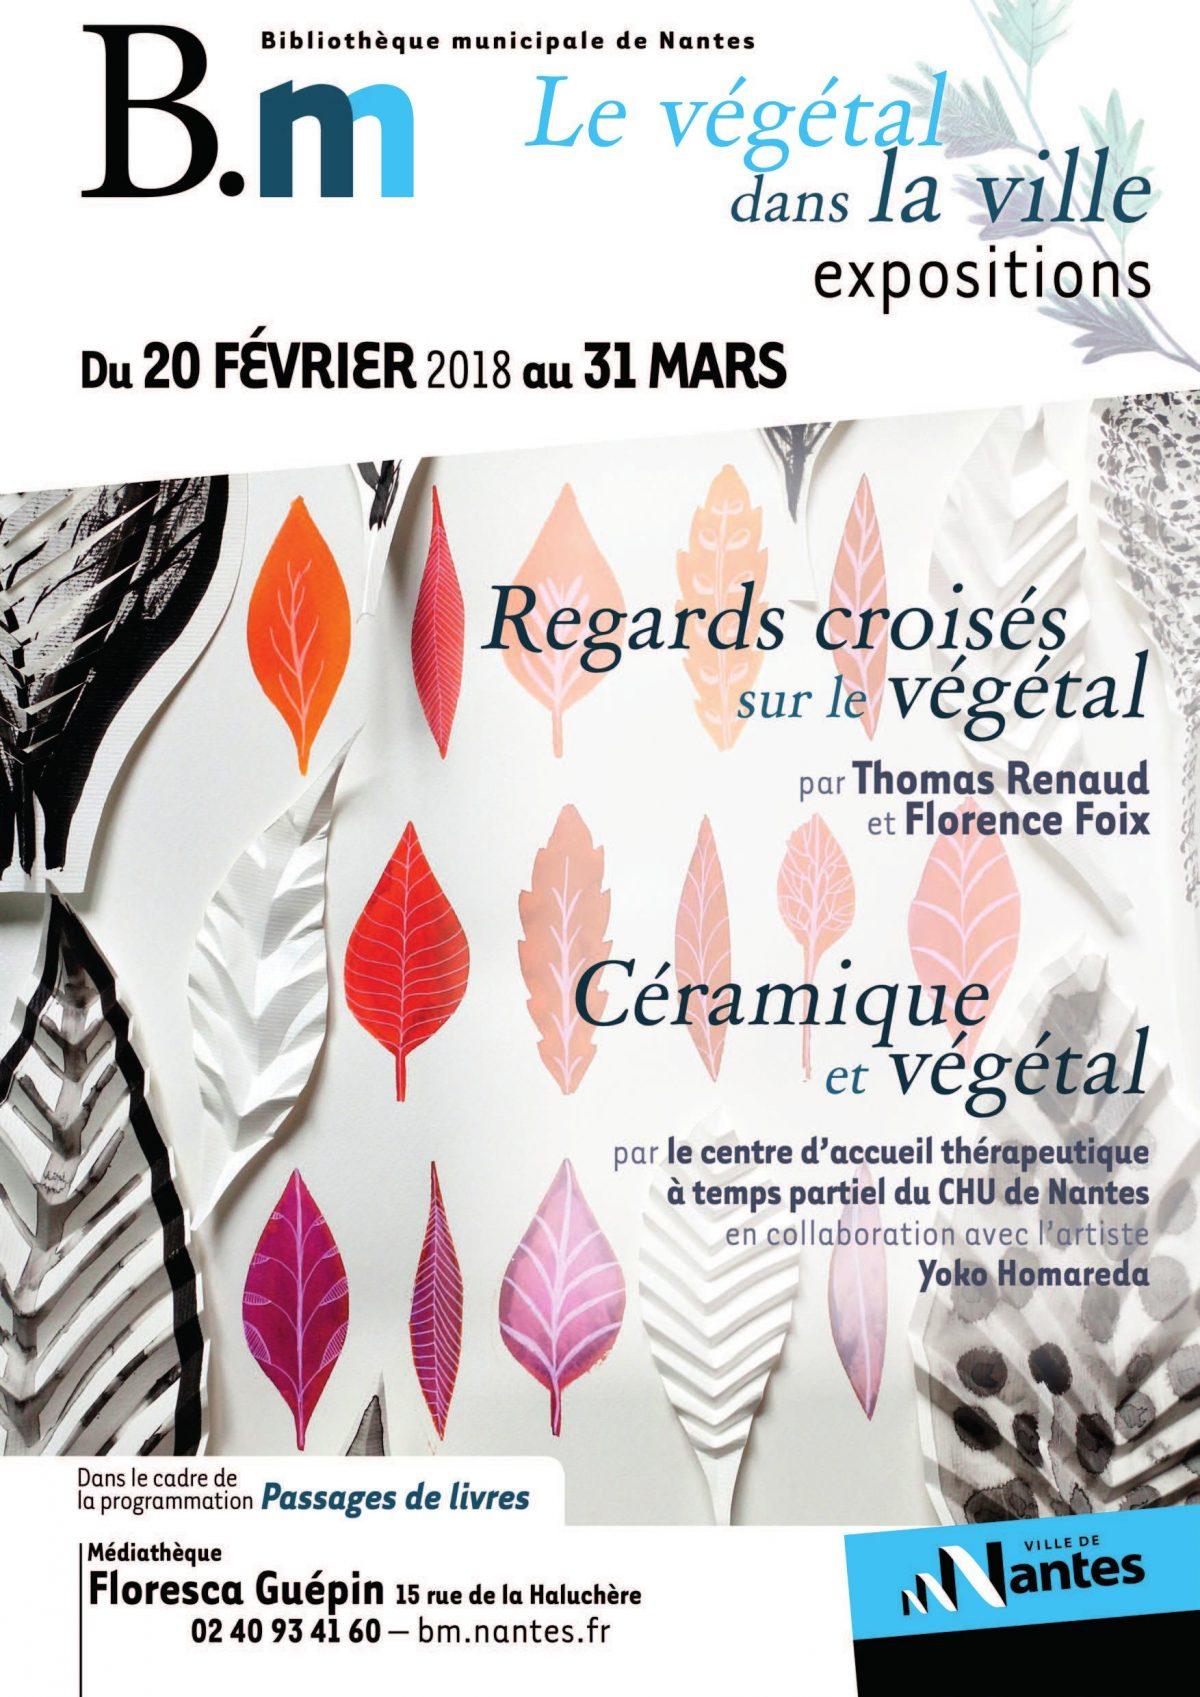 Du 20 février au 31 mars à Nantes